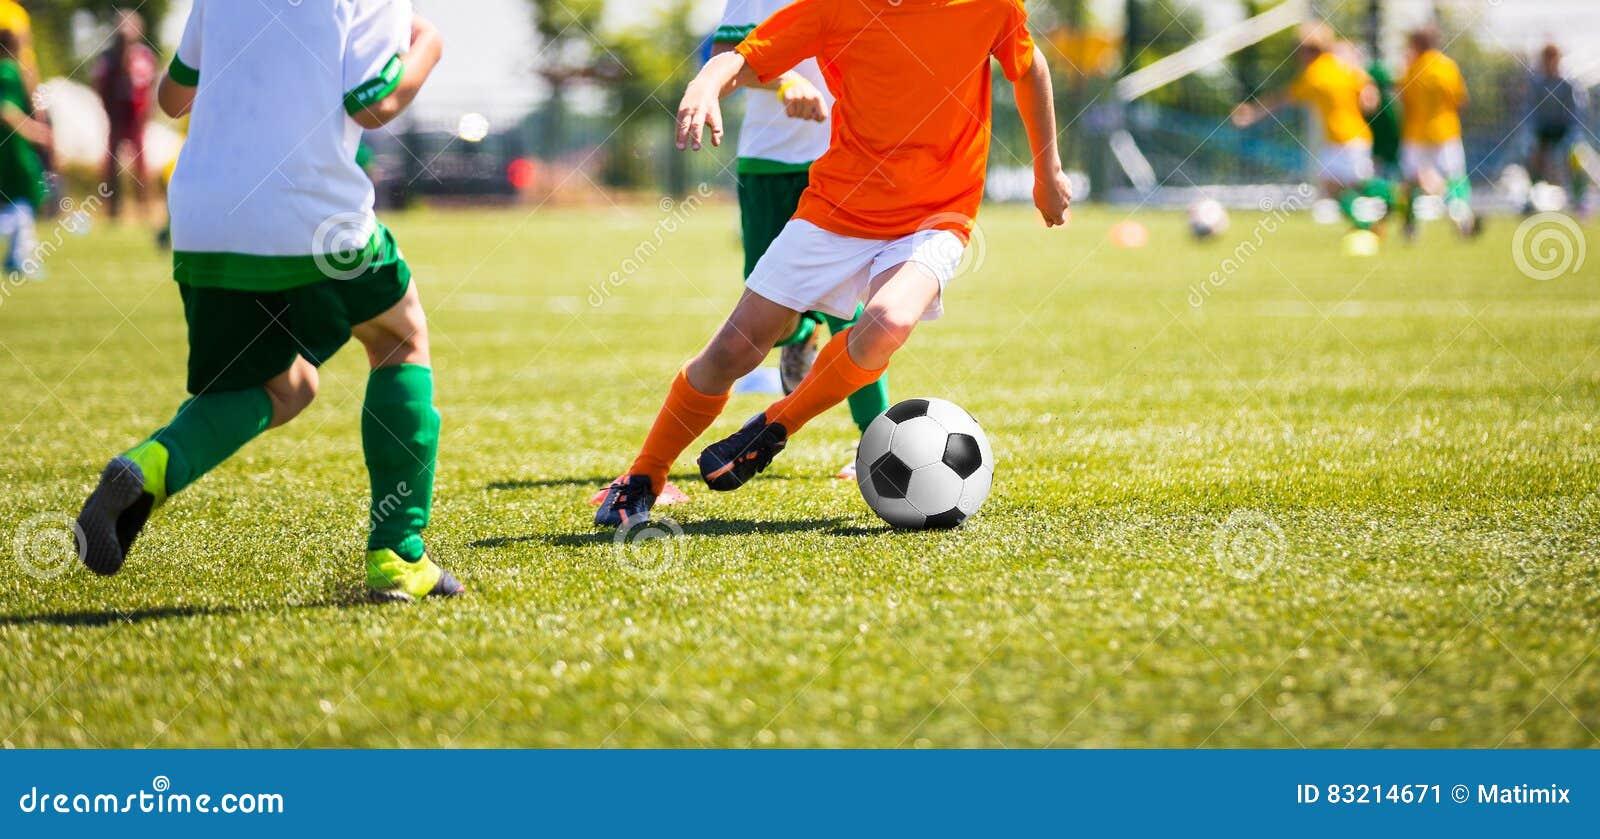 Jungen, die Fußball treten Kinderfußballteam Laufende Fußballspieler